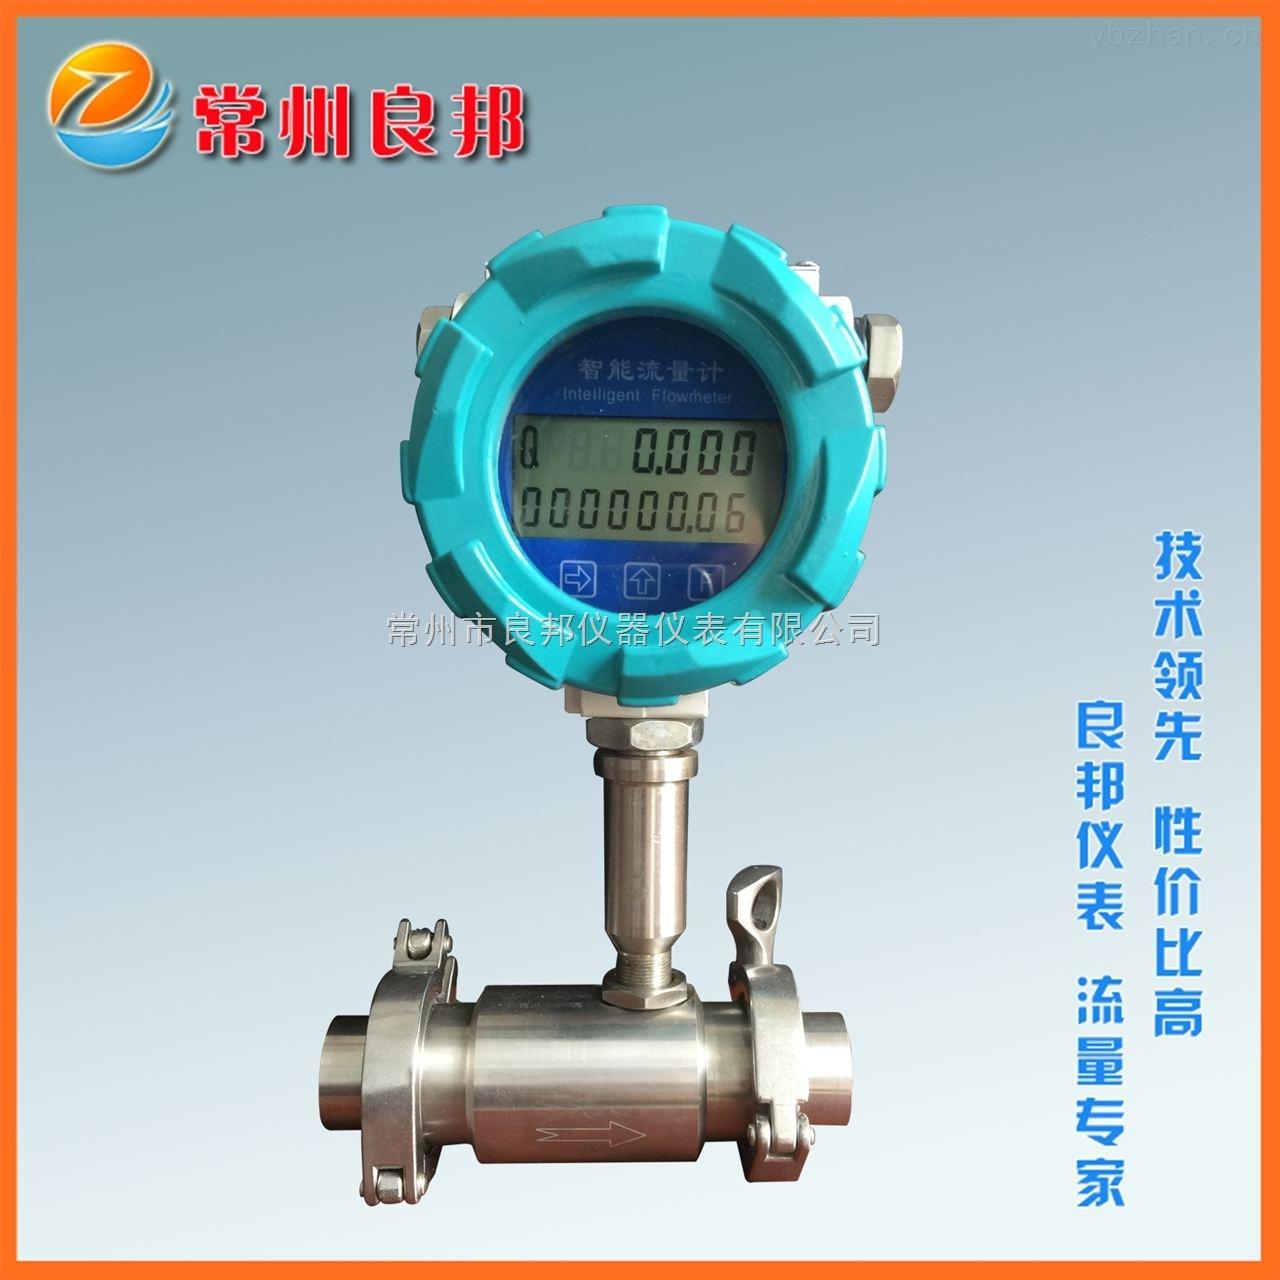 LWGY-50-常州涡轮流量计卫生卡箍连接 甲醇流量表防爆表头 锂电池供电